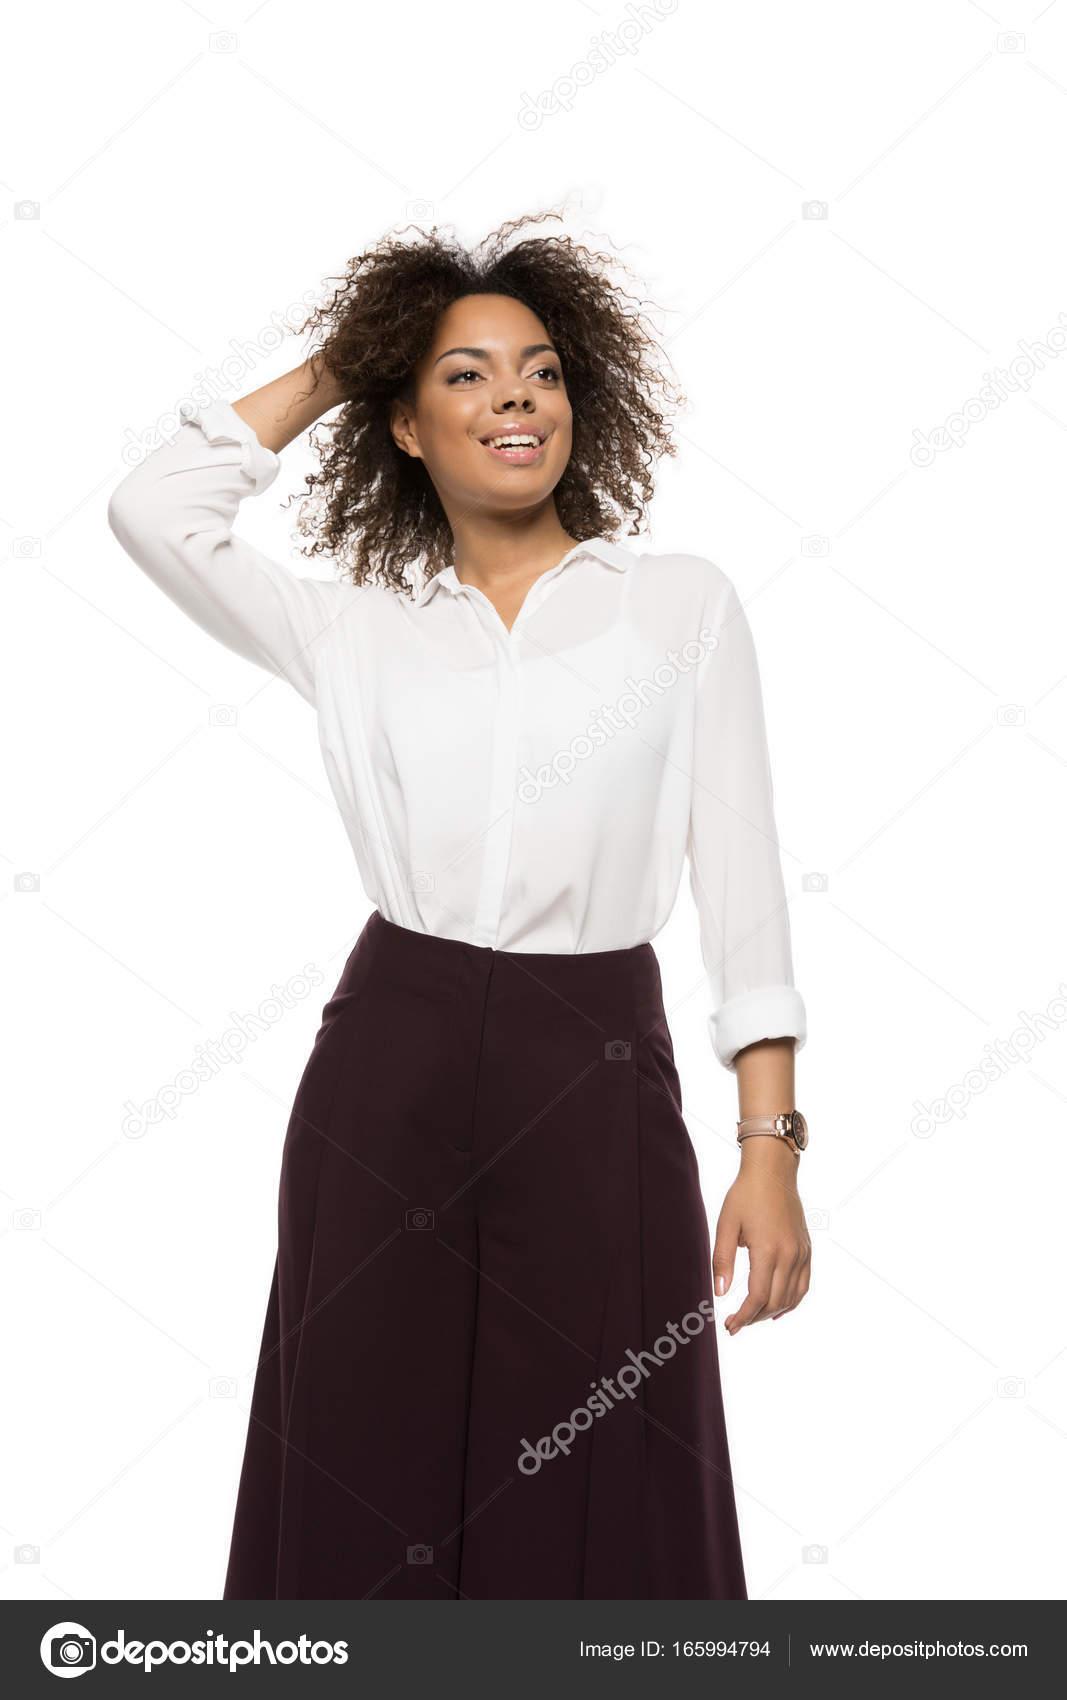 アフリカ系アメリカ人の美人 — ストック写真